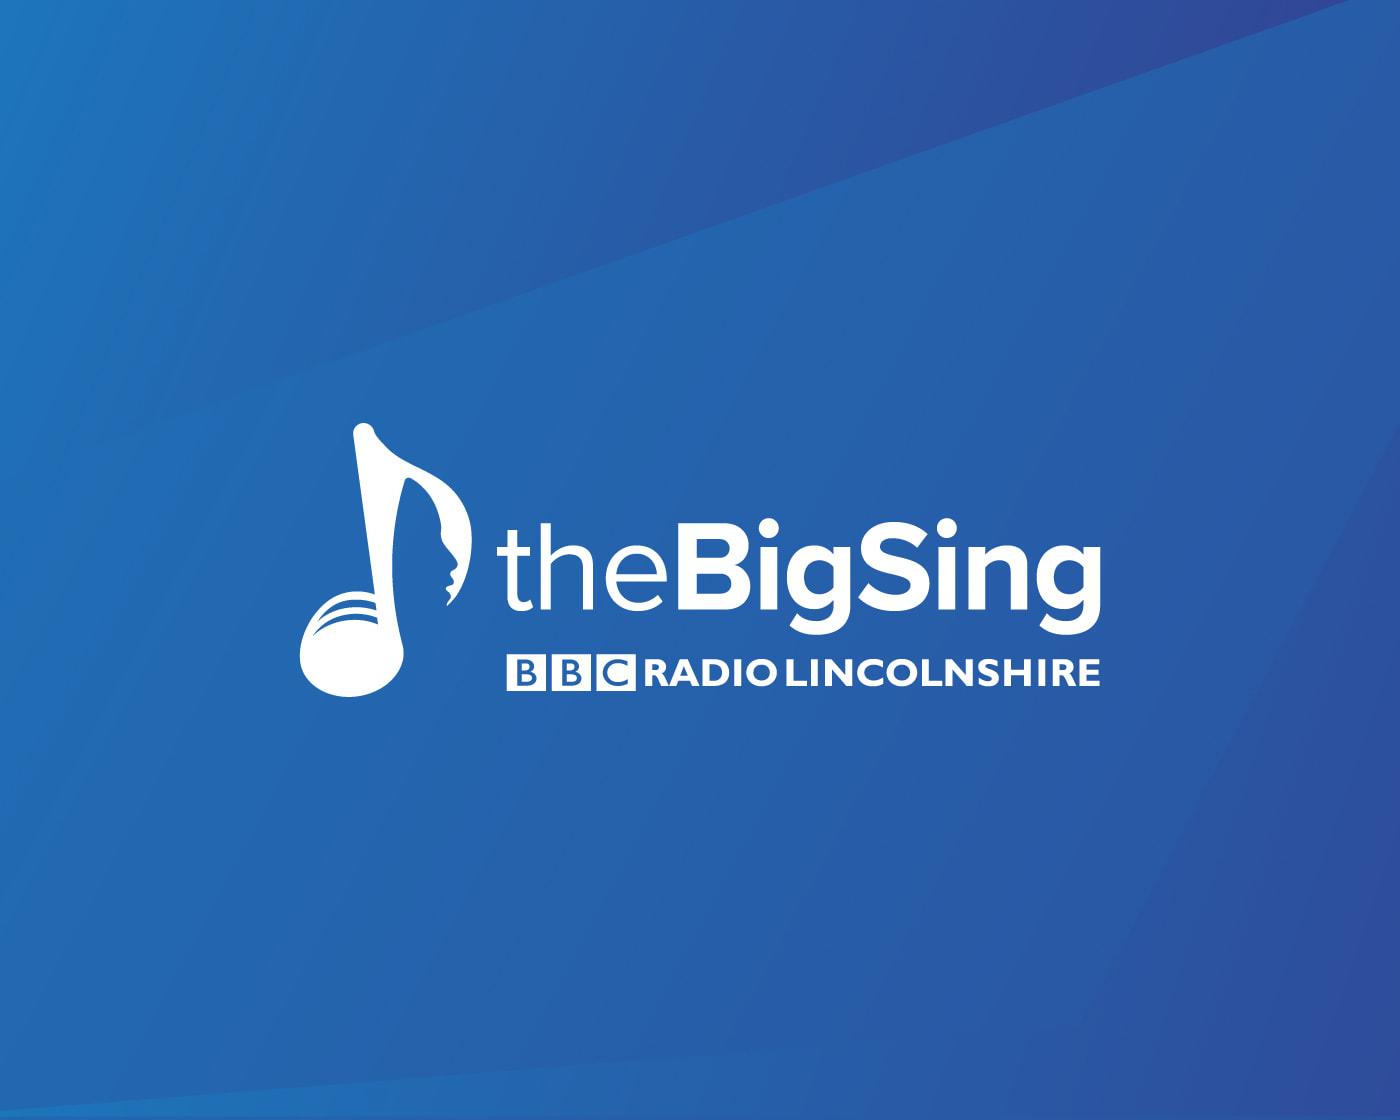 BBC-Radio-Lincolnshire-TheBigSing-Logo-1 (1)